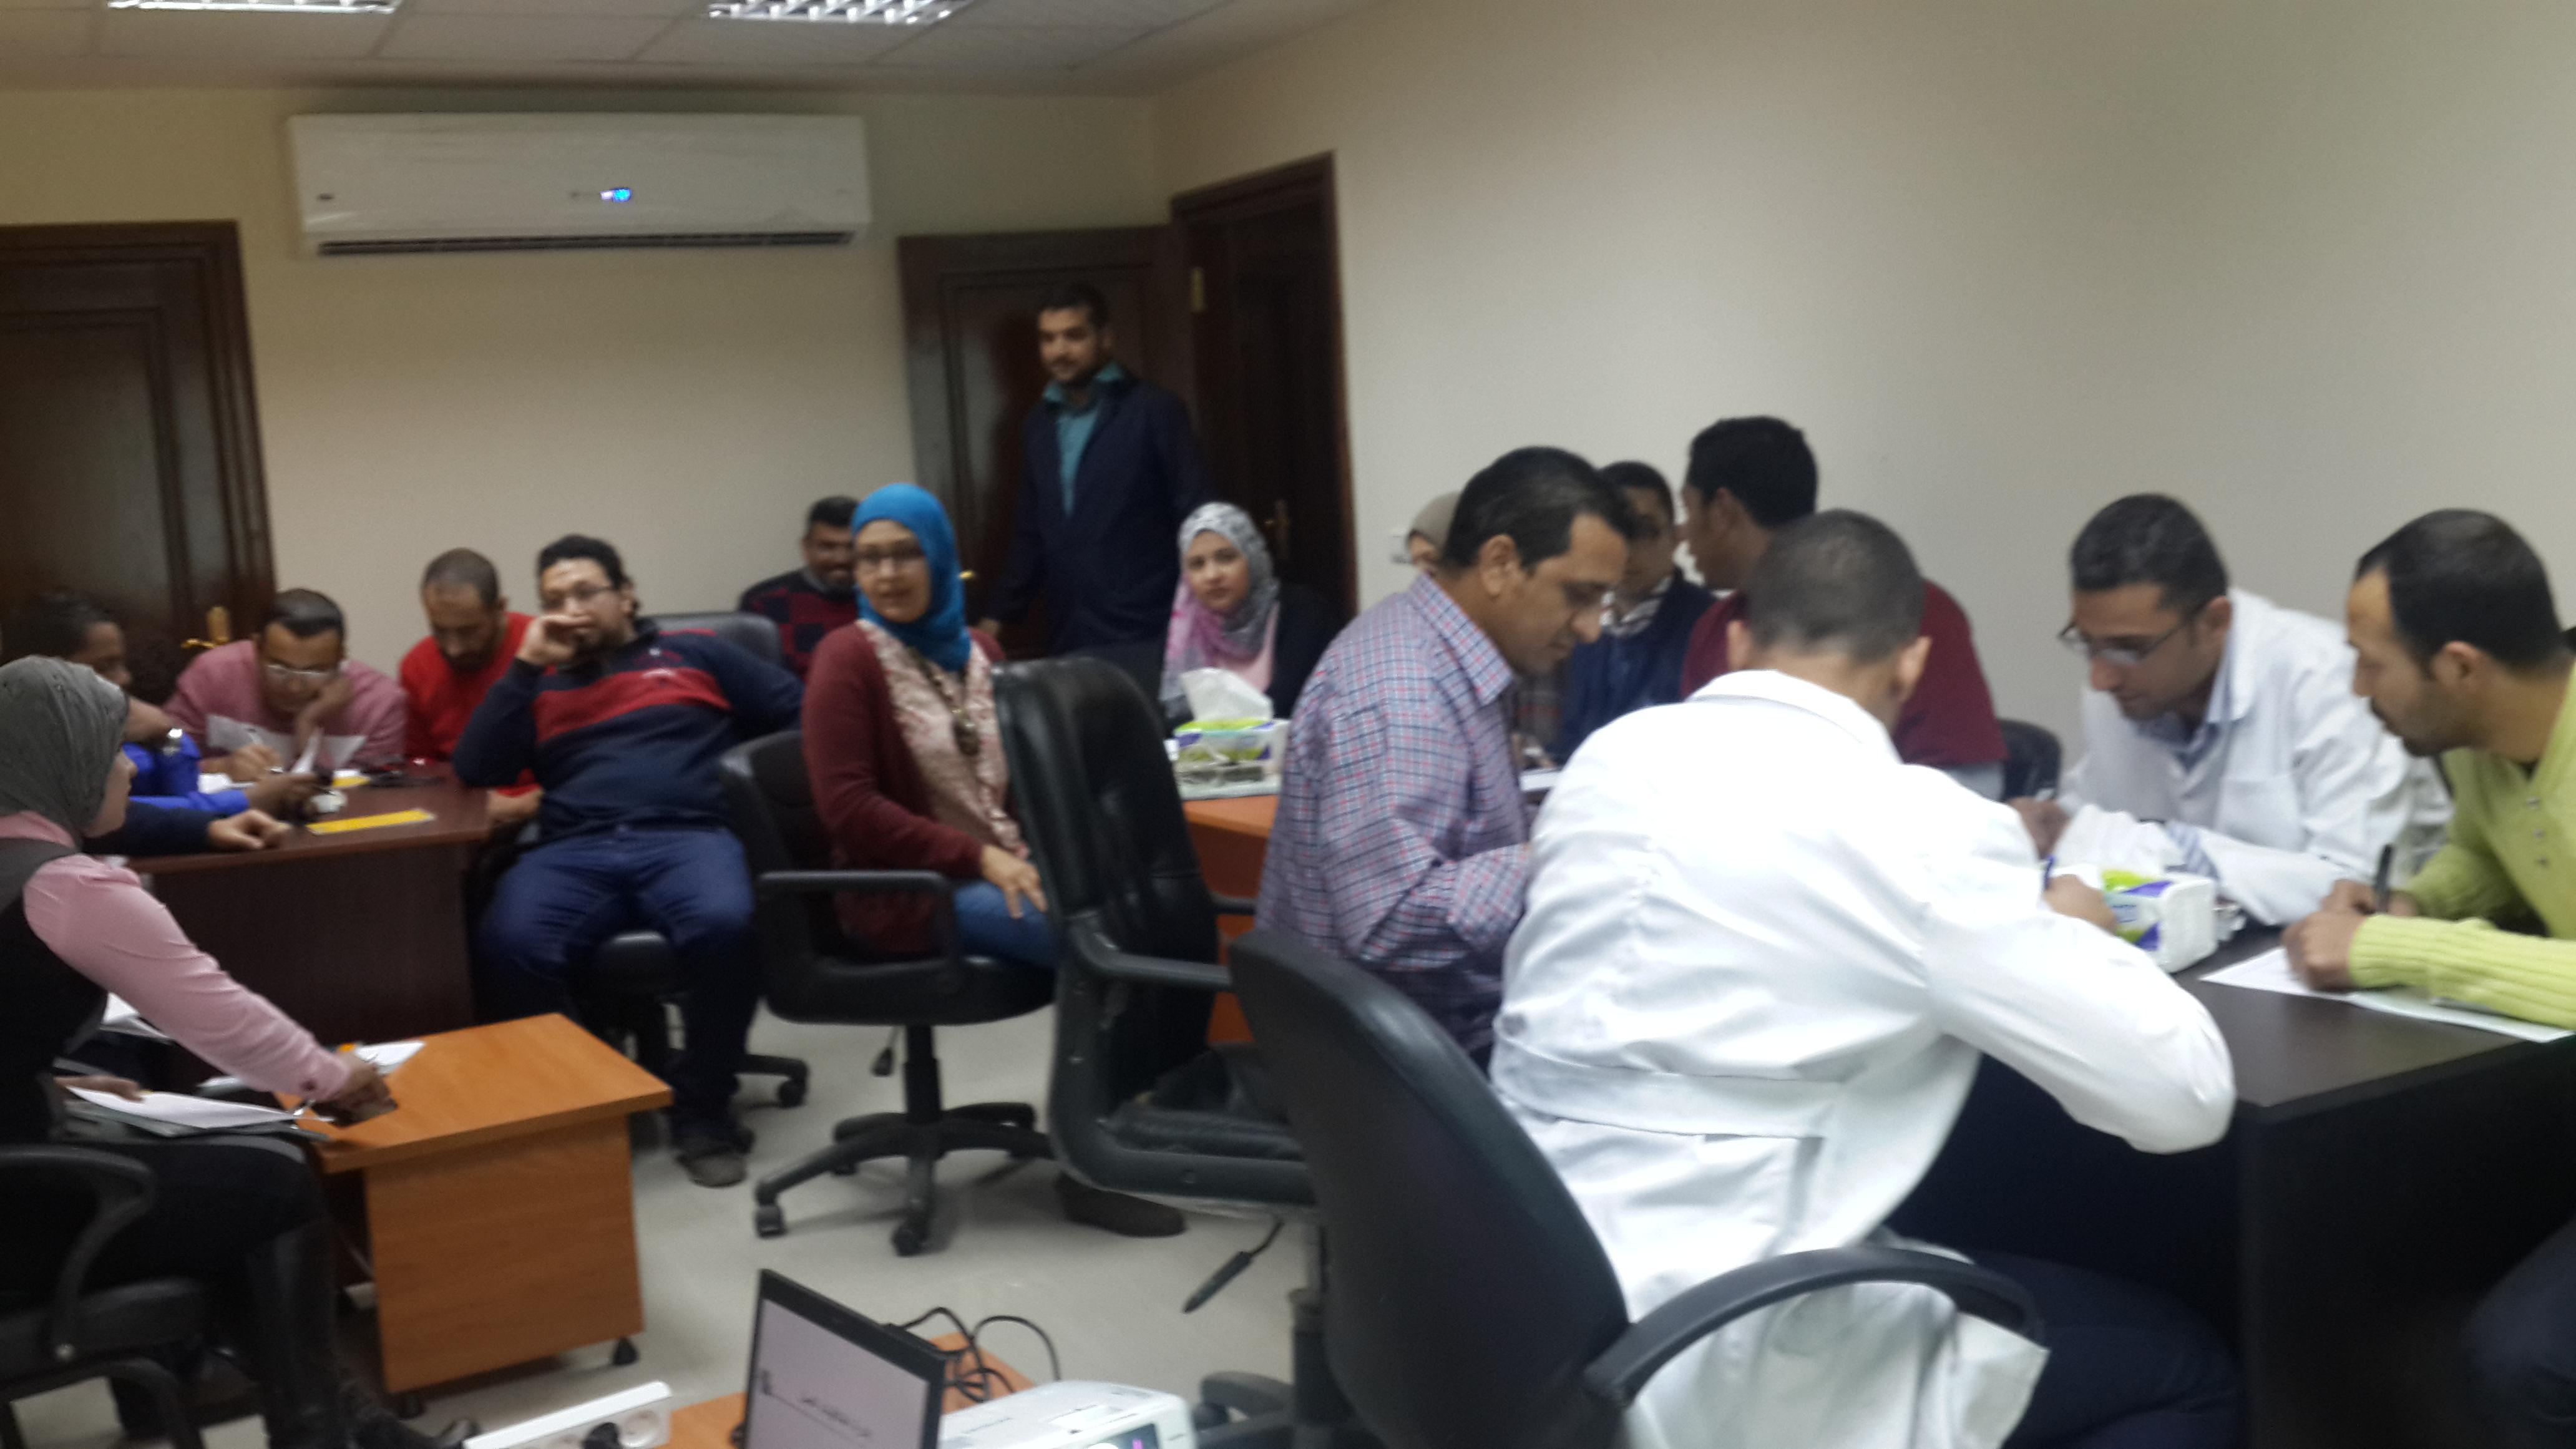 Excellence Center Egypt 20160330-20160330_100955 .jpg